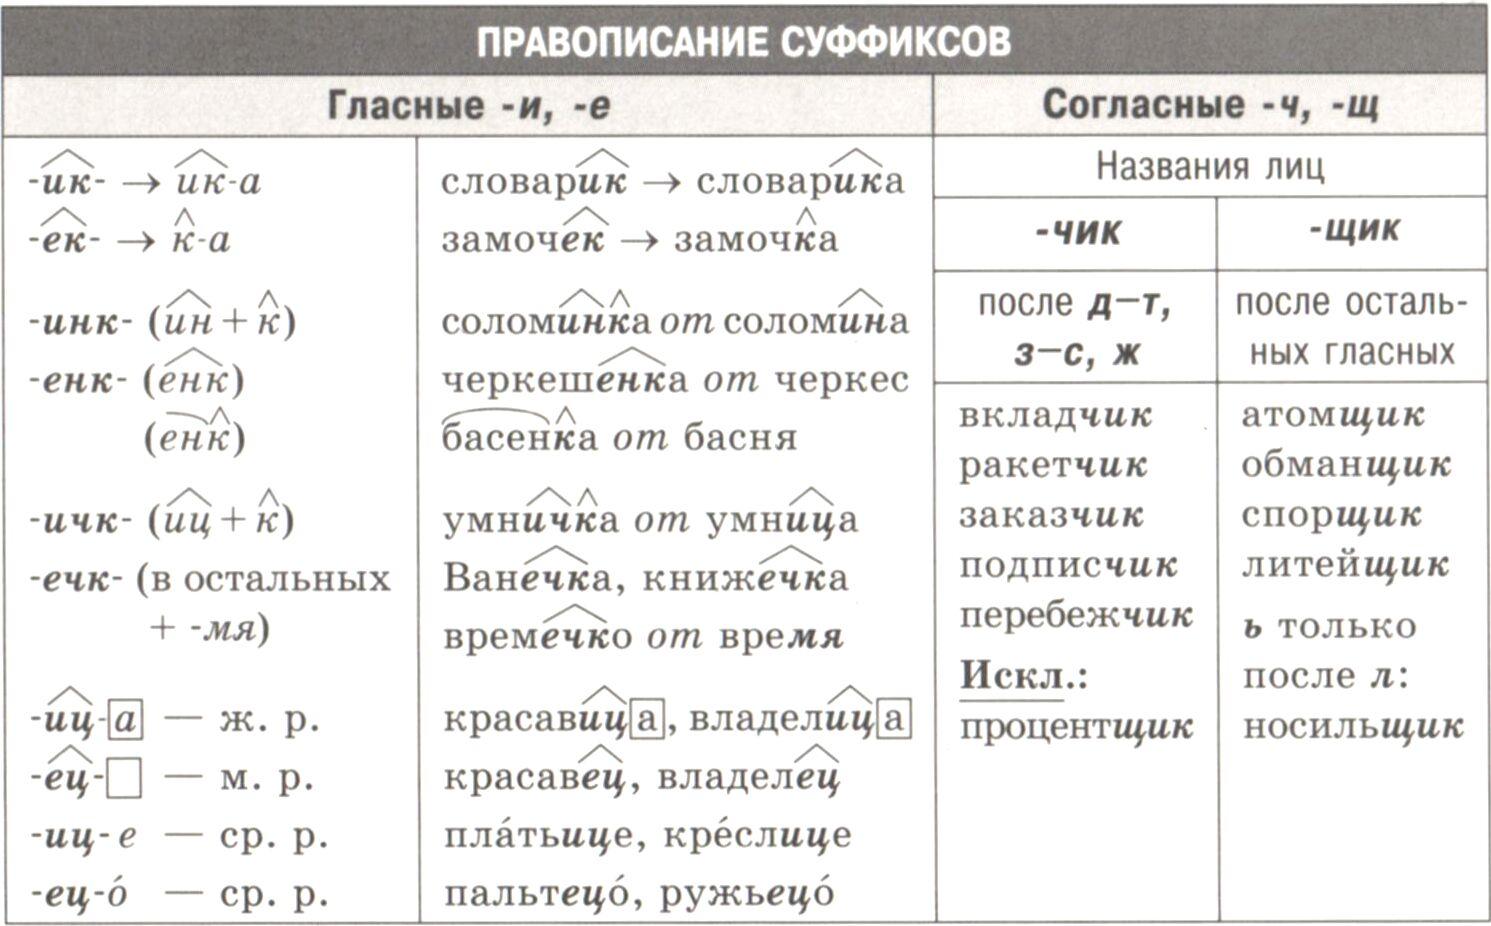 C:\Documents and Settings\Библиотека\Рабочий стол\Для Шеметовой\2а.jpg